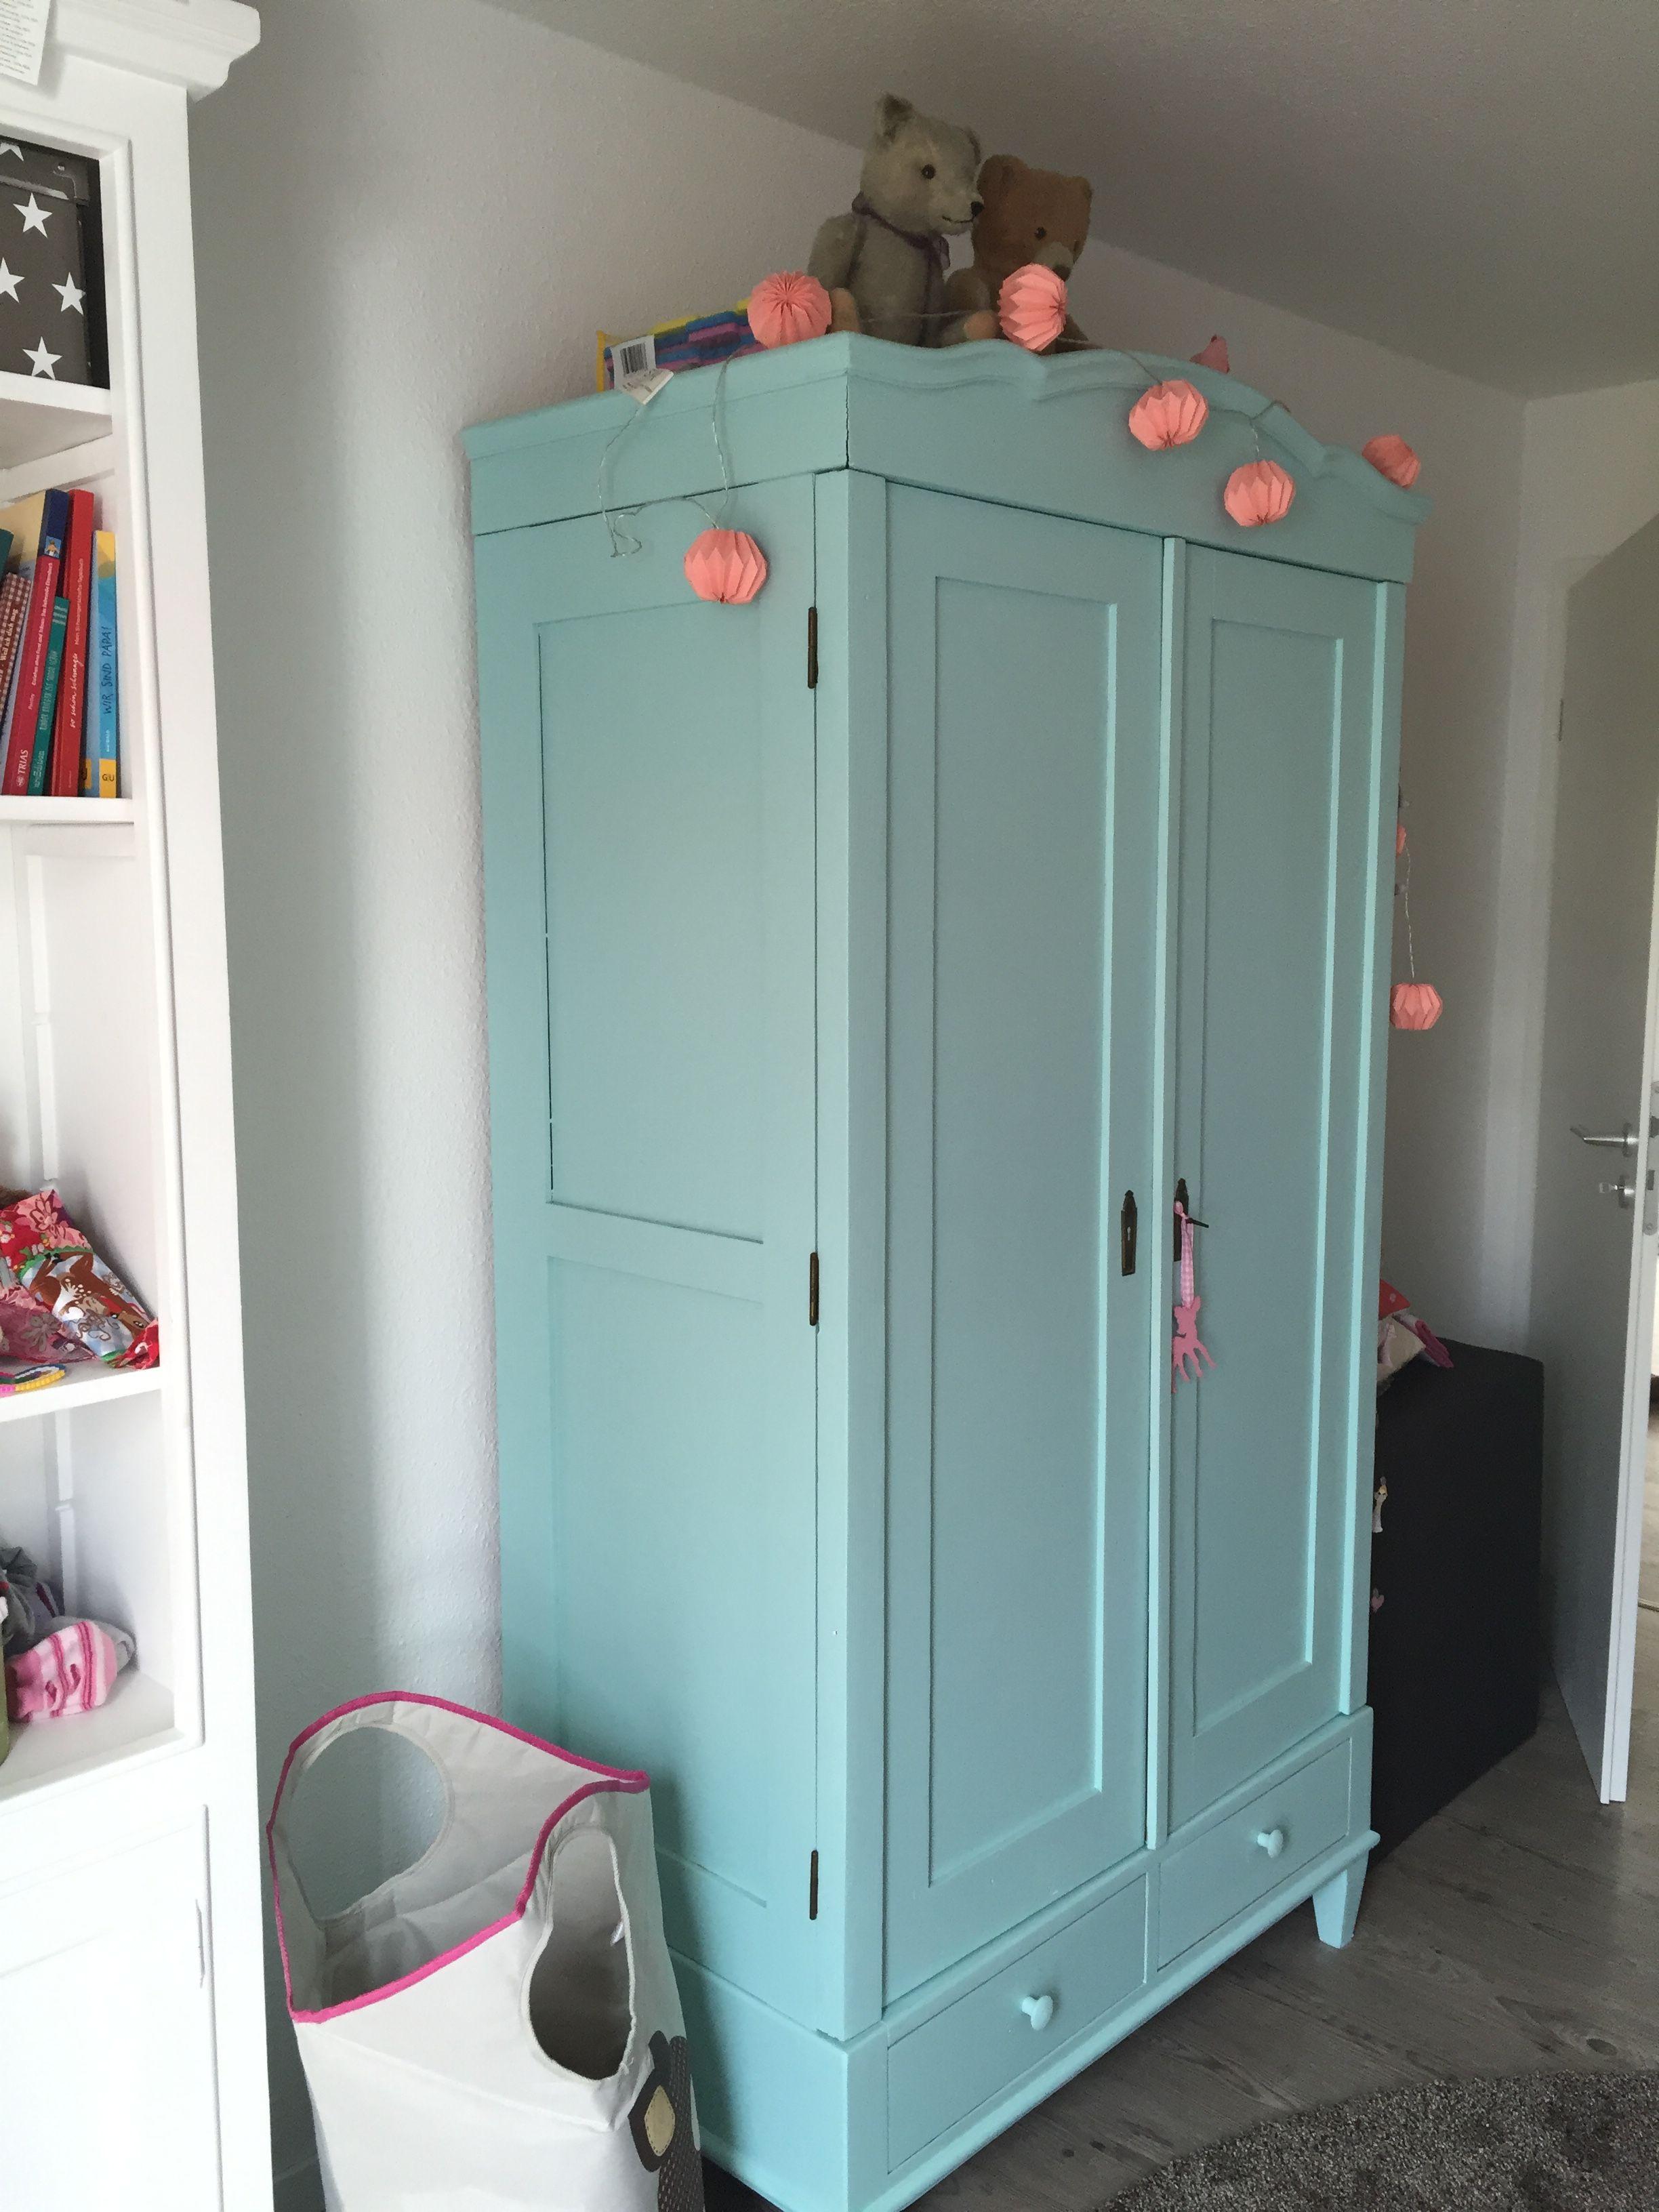 Kinderzimmer Schrank  Kleiderschrank für Kinderzimmer Toller alter Schrank aus